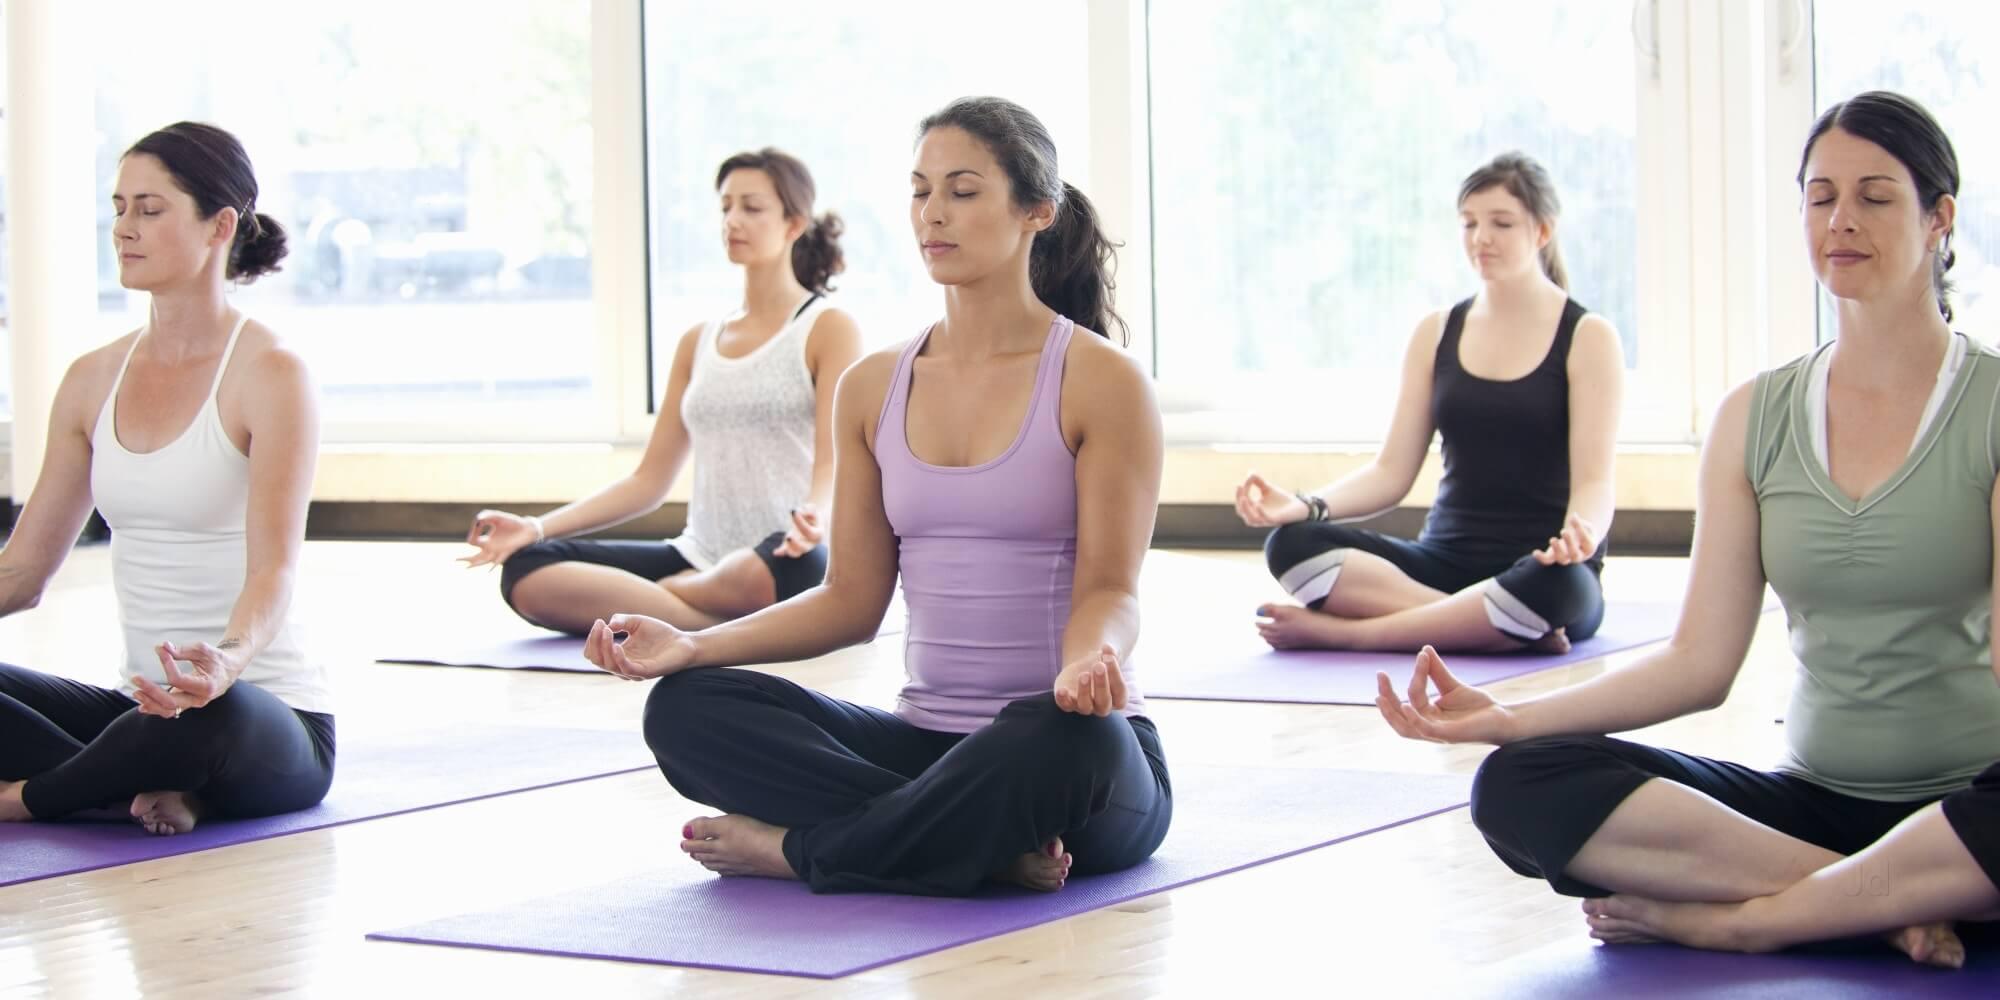 Йоги были правы: правильное дыхание просветляет разум